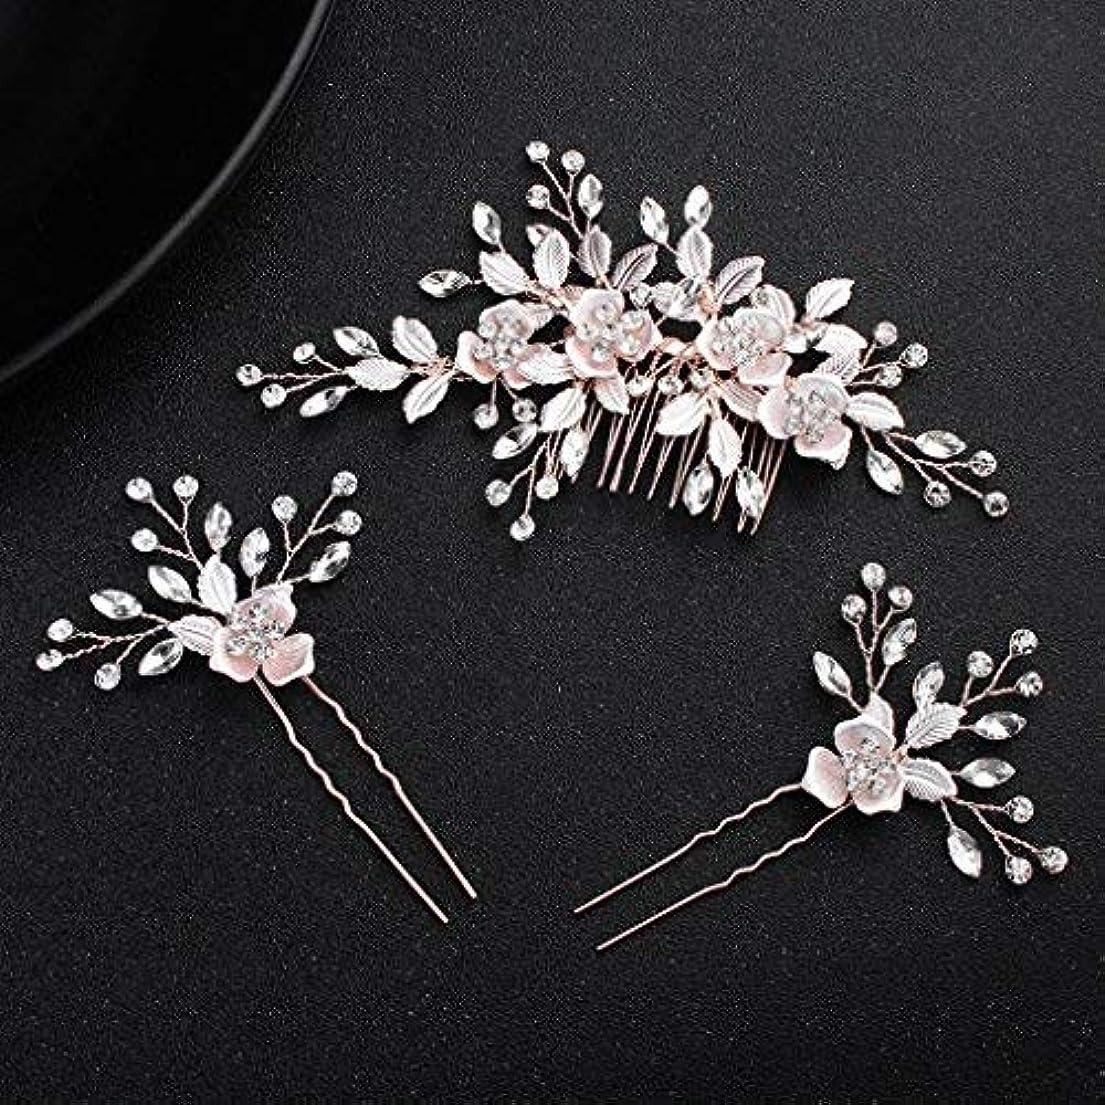 ジョイント日付付き傘obqoo Crystal Flowers Style Colorful Leaves Metal Bridal Hair Comb with 2 pcs Pins Rose Gold [並行輸入品]